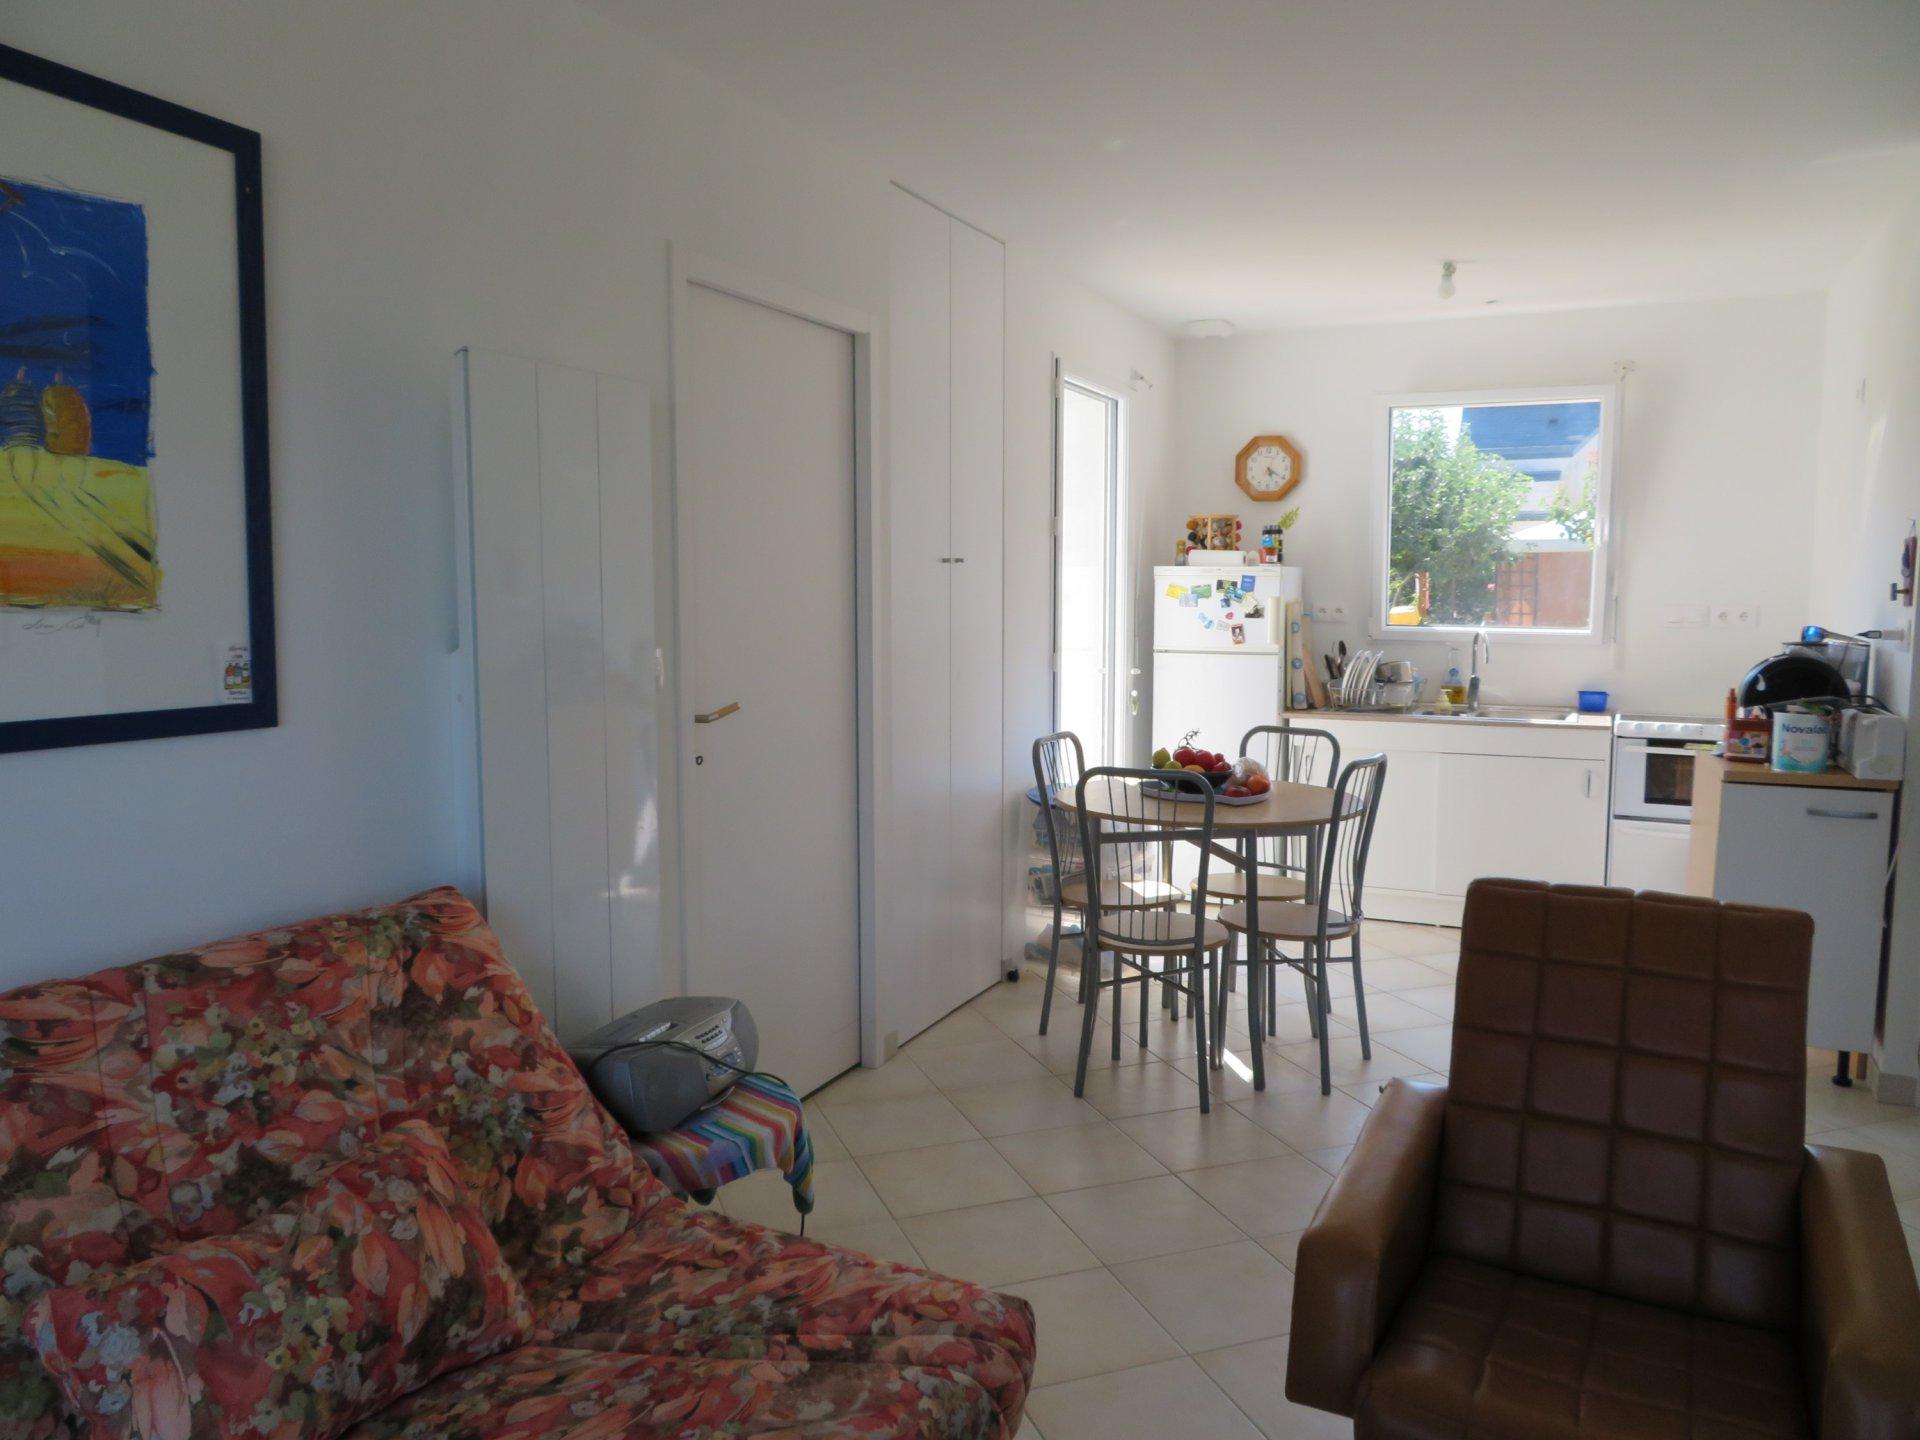 Maison à louer à Damgan Maison pour 6 personnes proche de la petite plage de Kervoyal